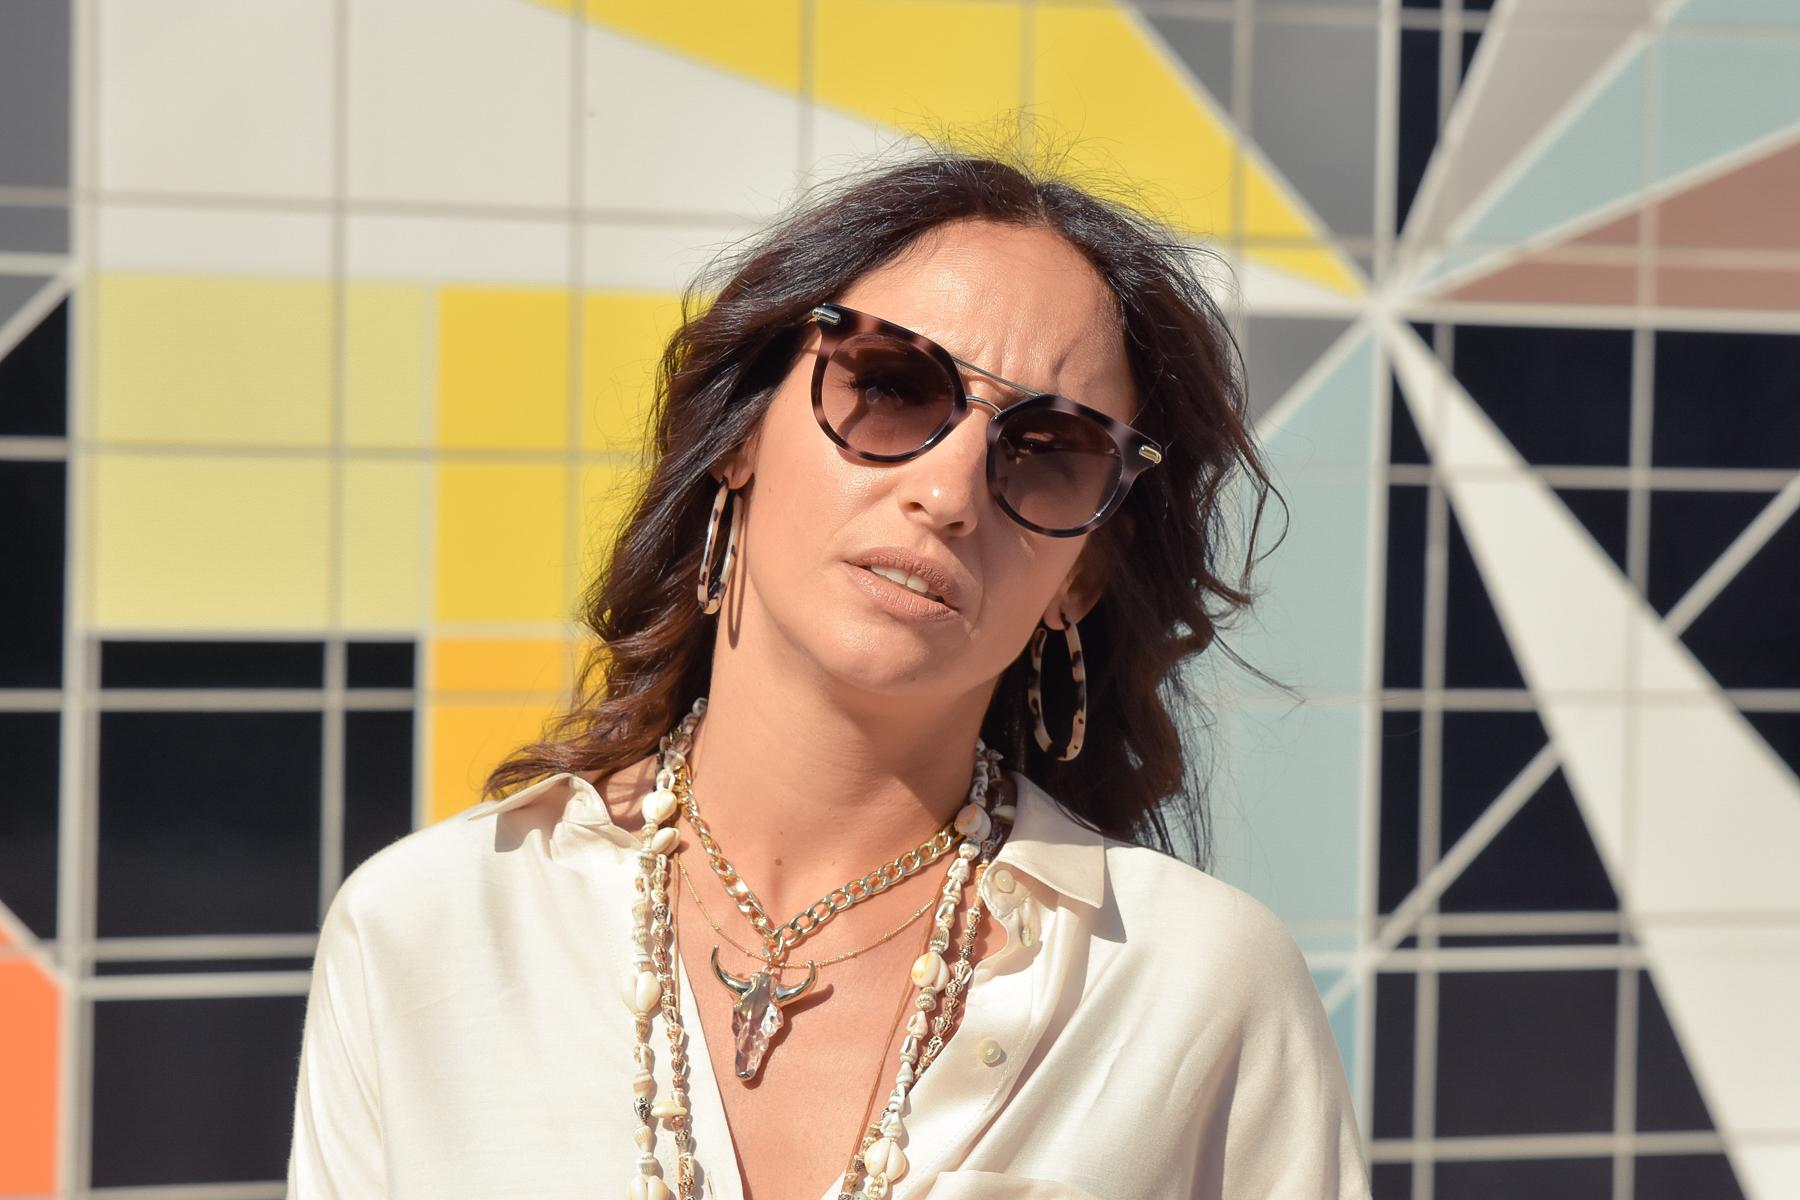 el-blog-de-silvia-visitar-dusseldorf-pared-mosaico-colores-look-pantalon-blusa-beige-04